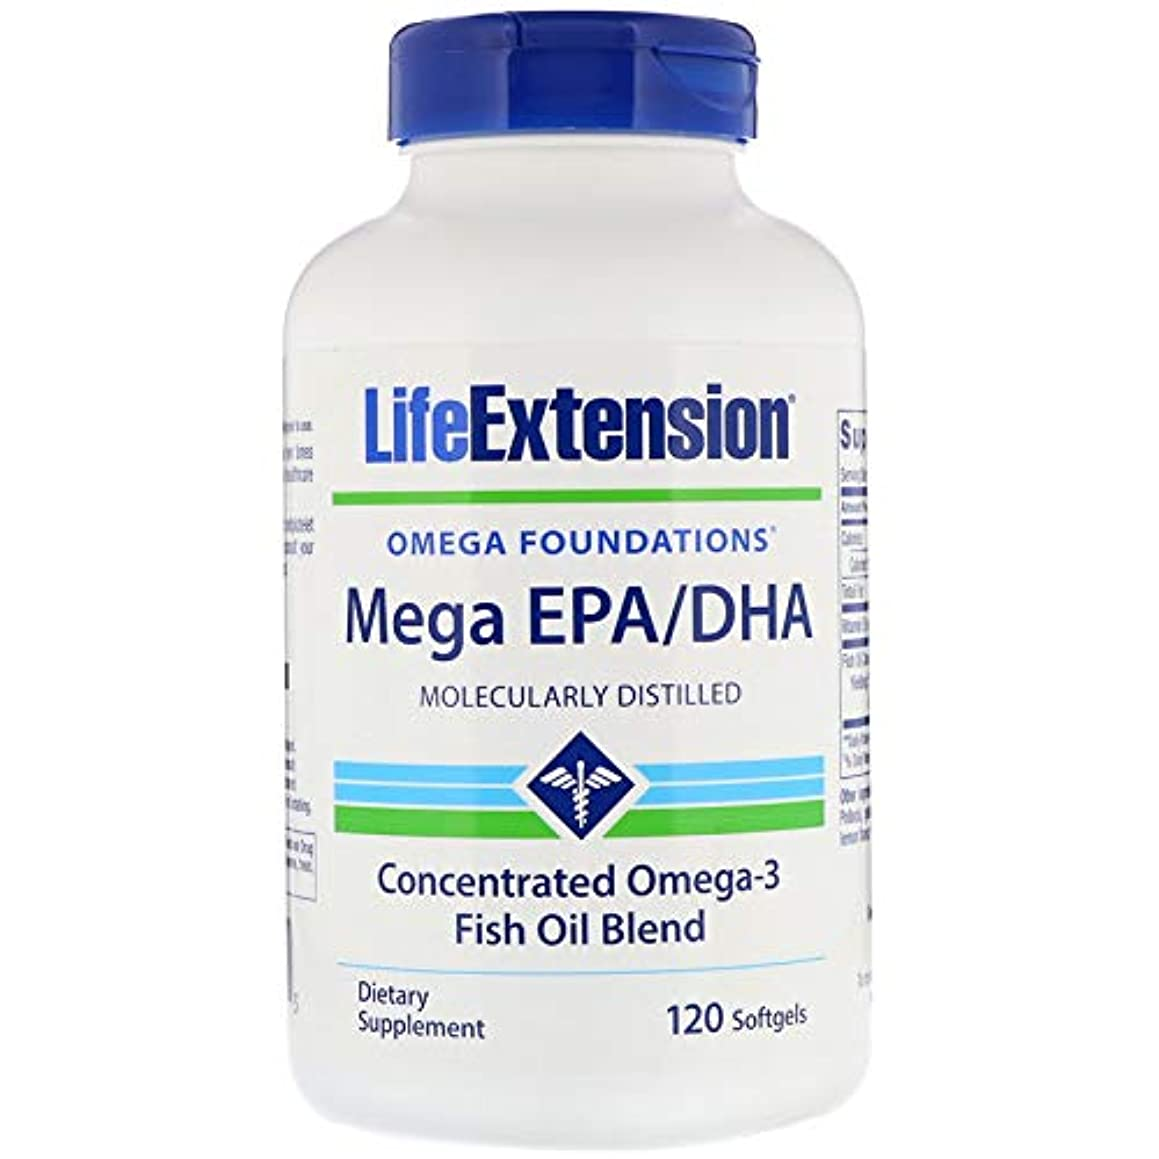 謝罪するワインオーチャードメガ EPA/DHA600 mg含有/粒 120粒ソフトジェルカプセル 海外直送品